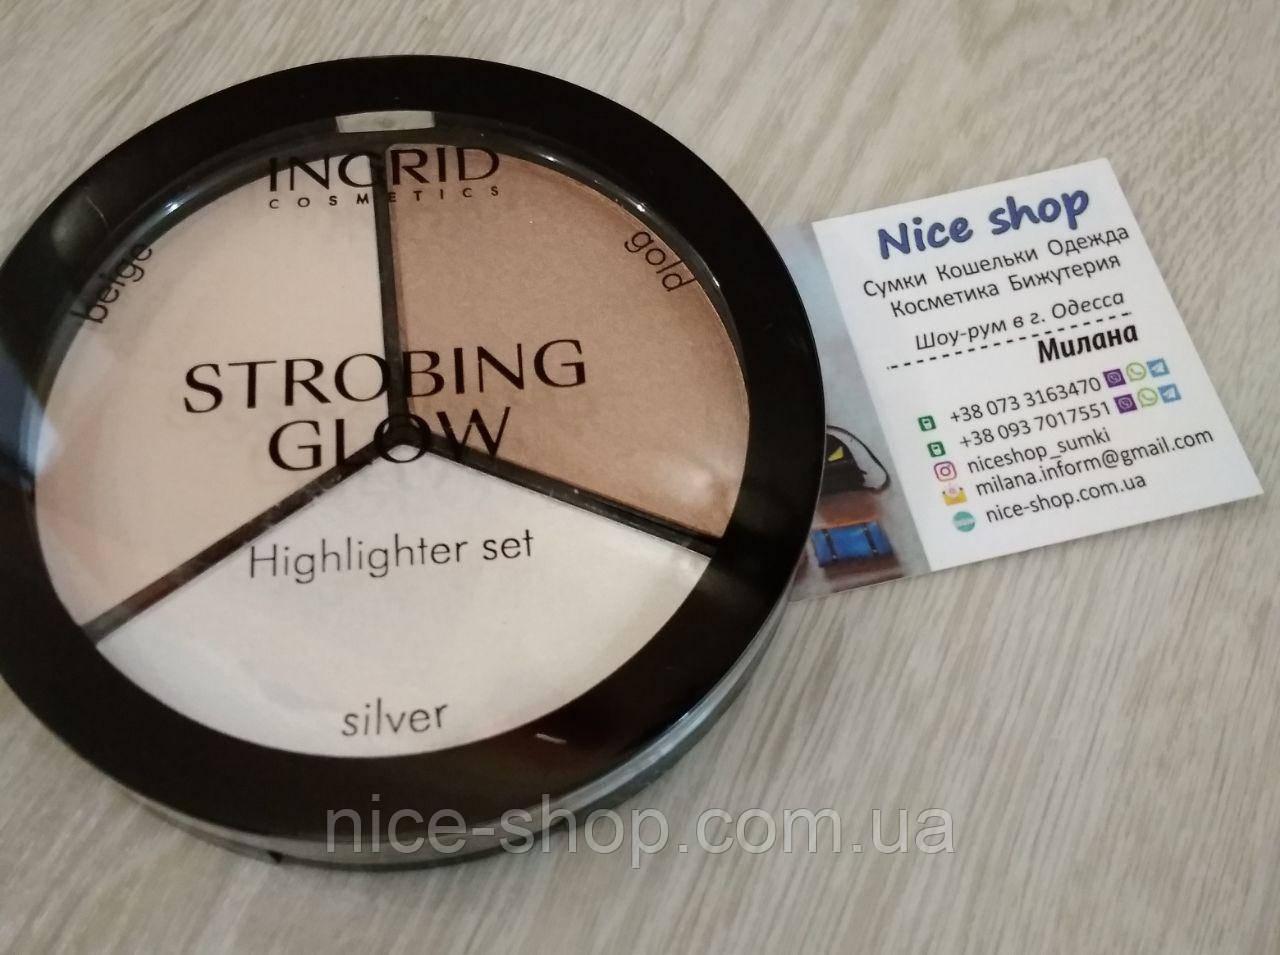 Палитра хайлайтеров для стробинга Ingrid Cosmetics Strobing Glow Highlighter Set, фото 1